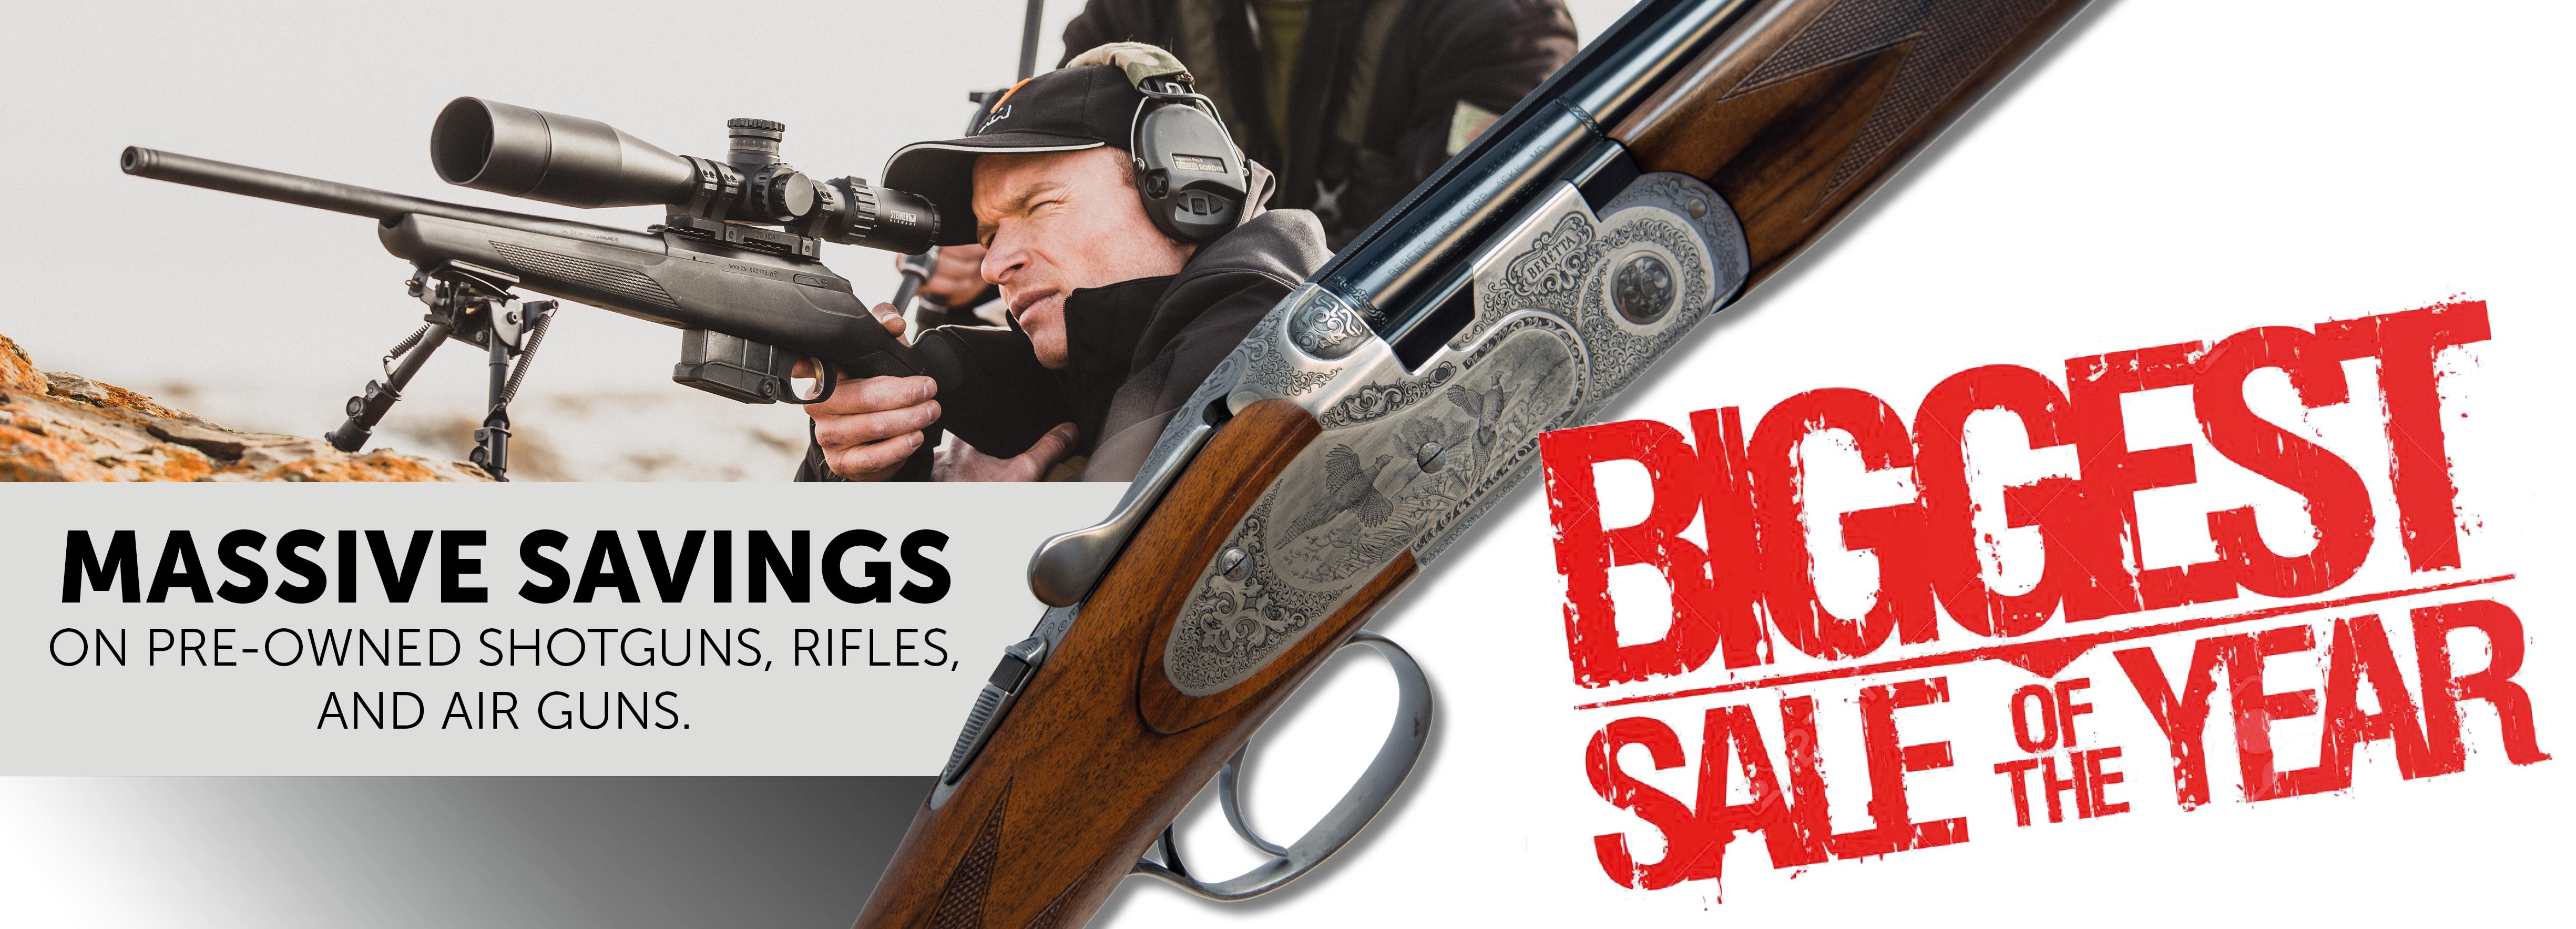 Massive Pre-Owned Gun Sale